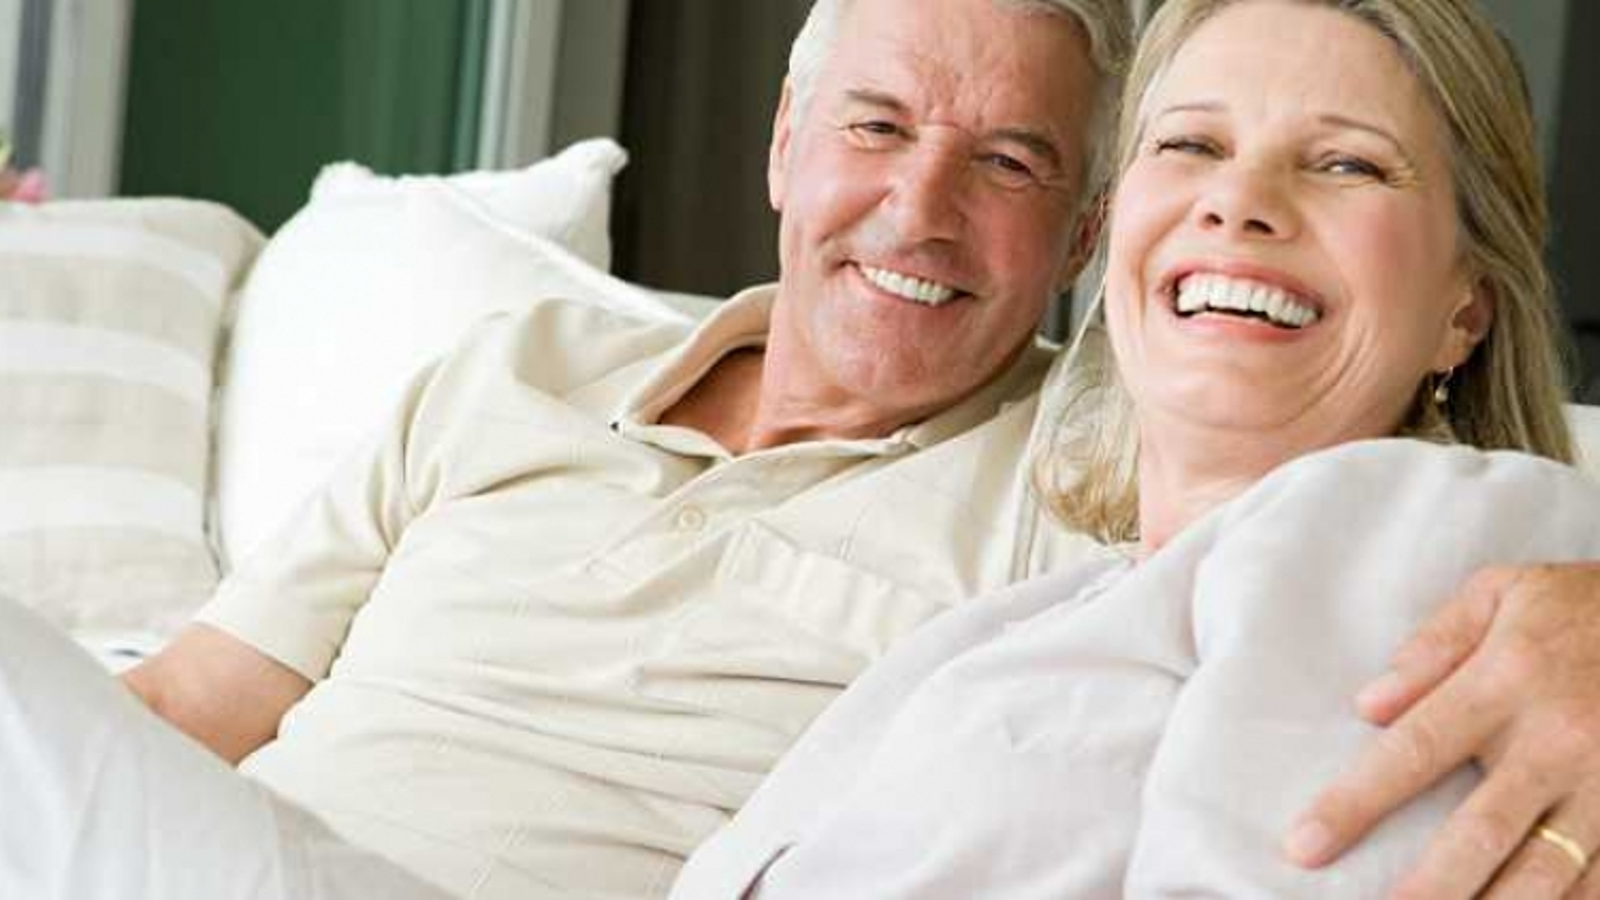 Làm thế nào để giữ ngọn lửa tình yêu cho cuộc hôn nhân đã dài 10 năm?